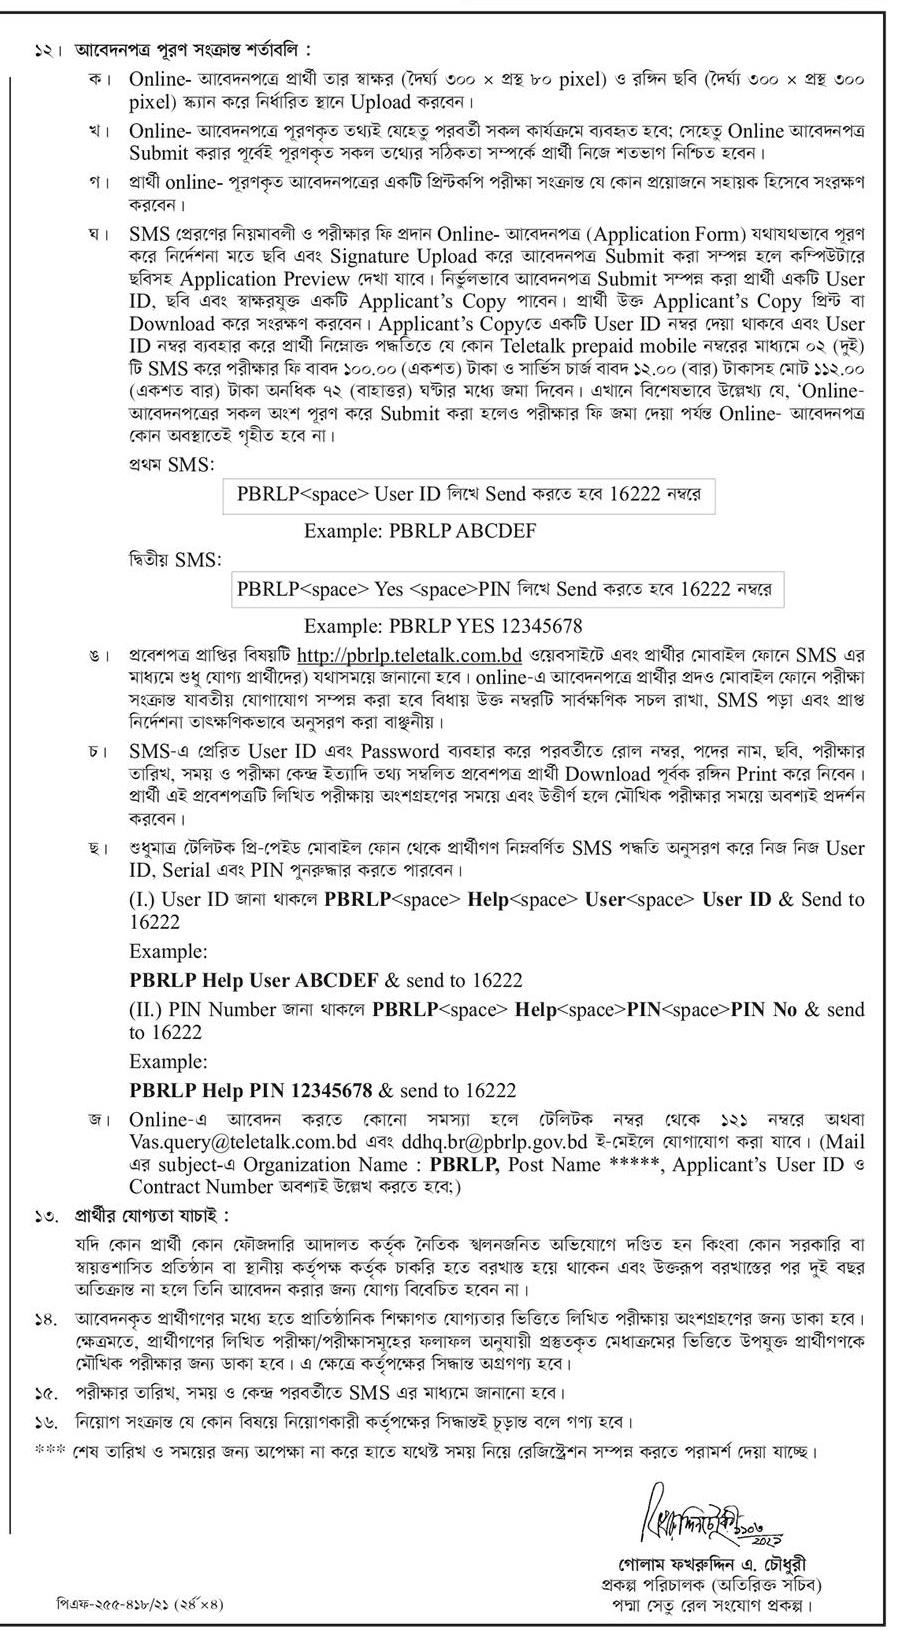 Bangladesh Railway Job Circular 2021 - বাংলাদেশ রেলওয়ে নিয়োগ বিজ্ঞপ্তি ২০২১ - সরকারি চাকরির খবর ২০২১